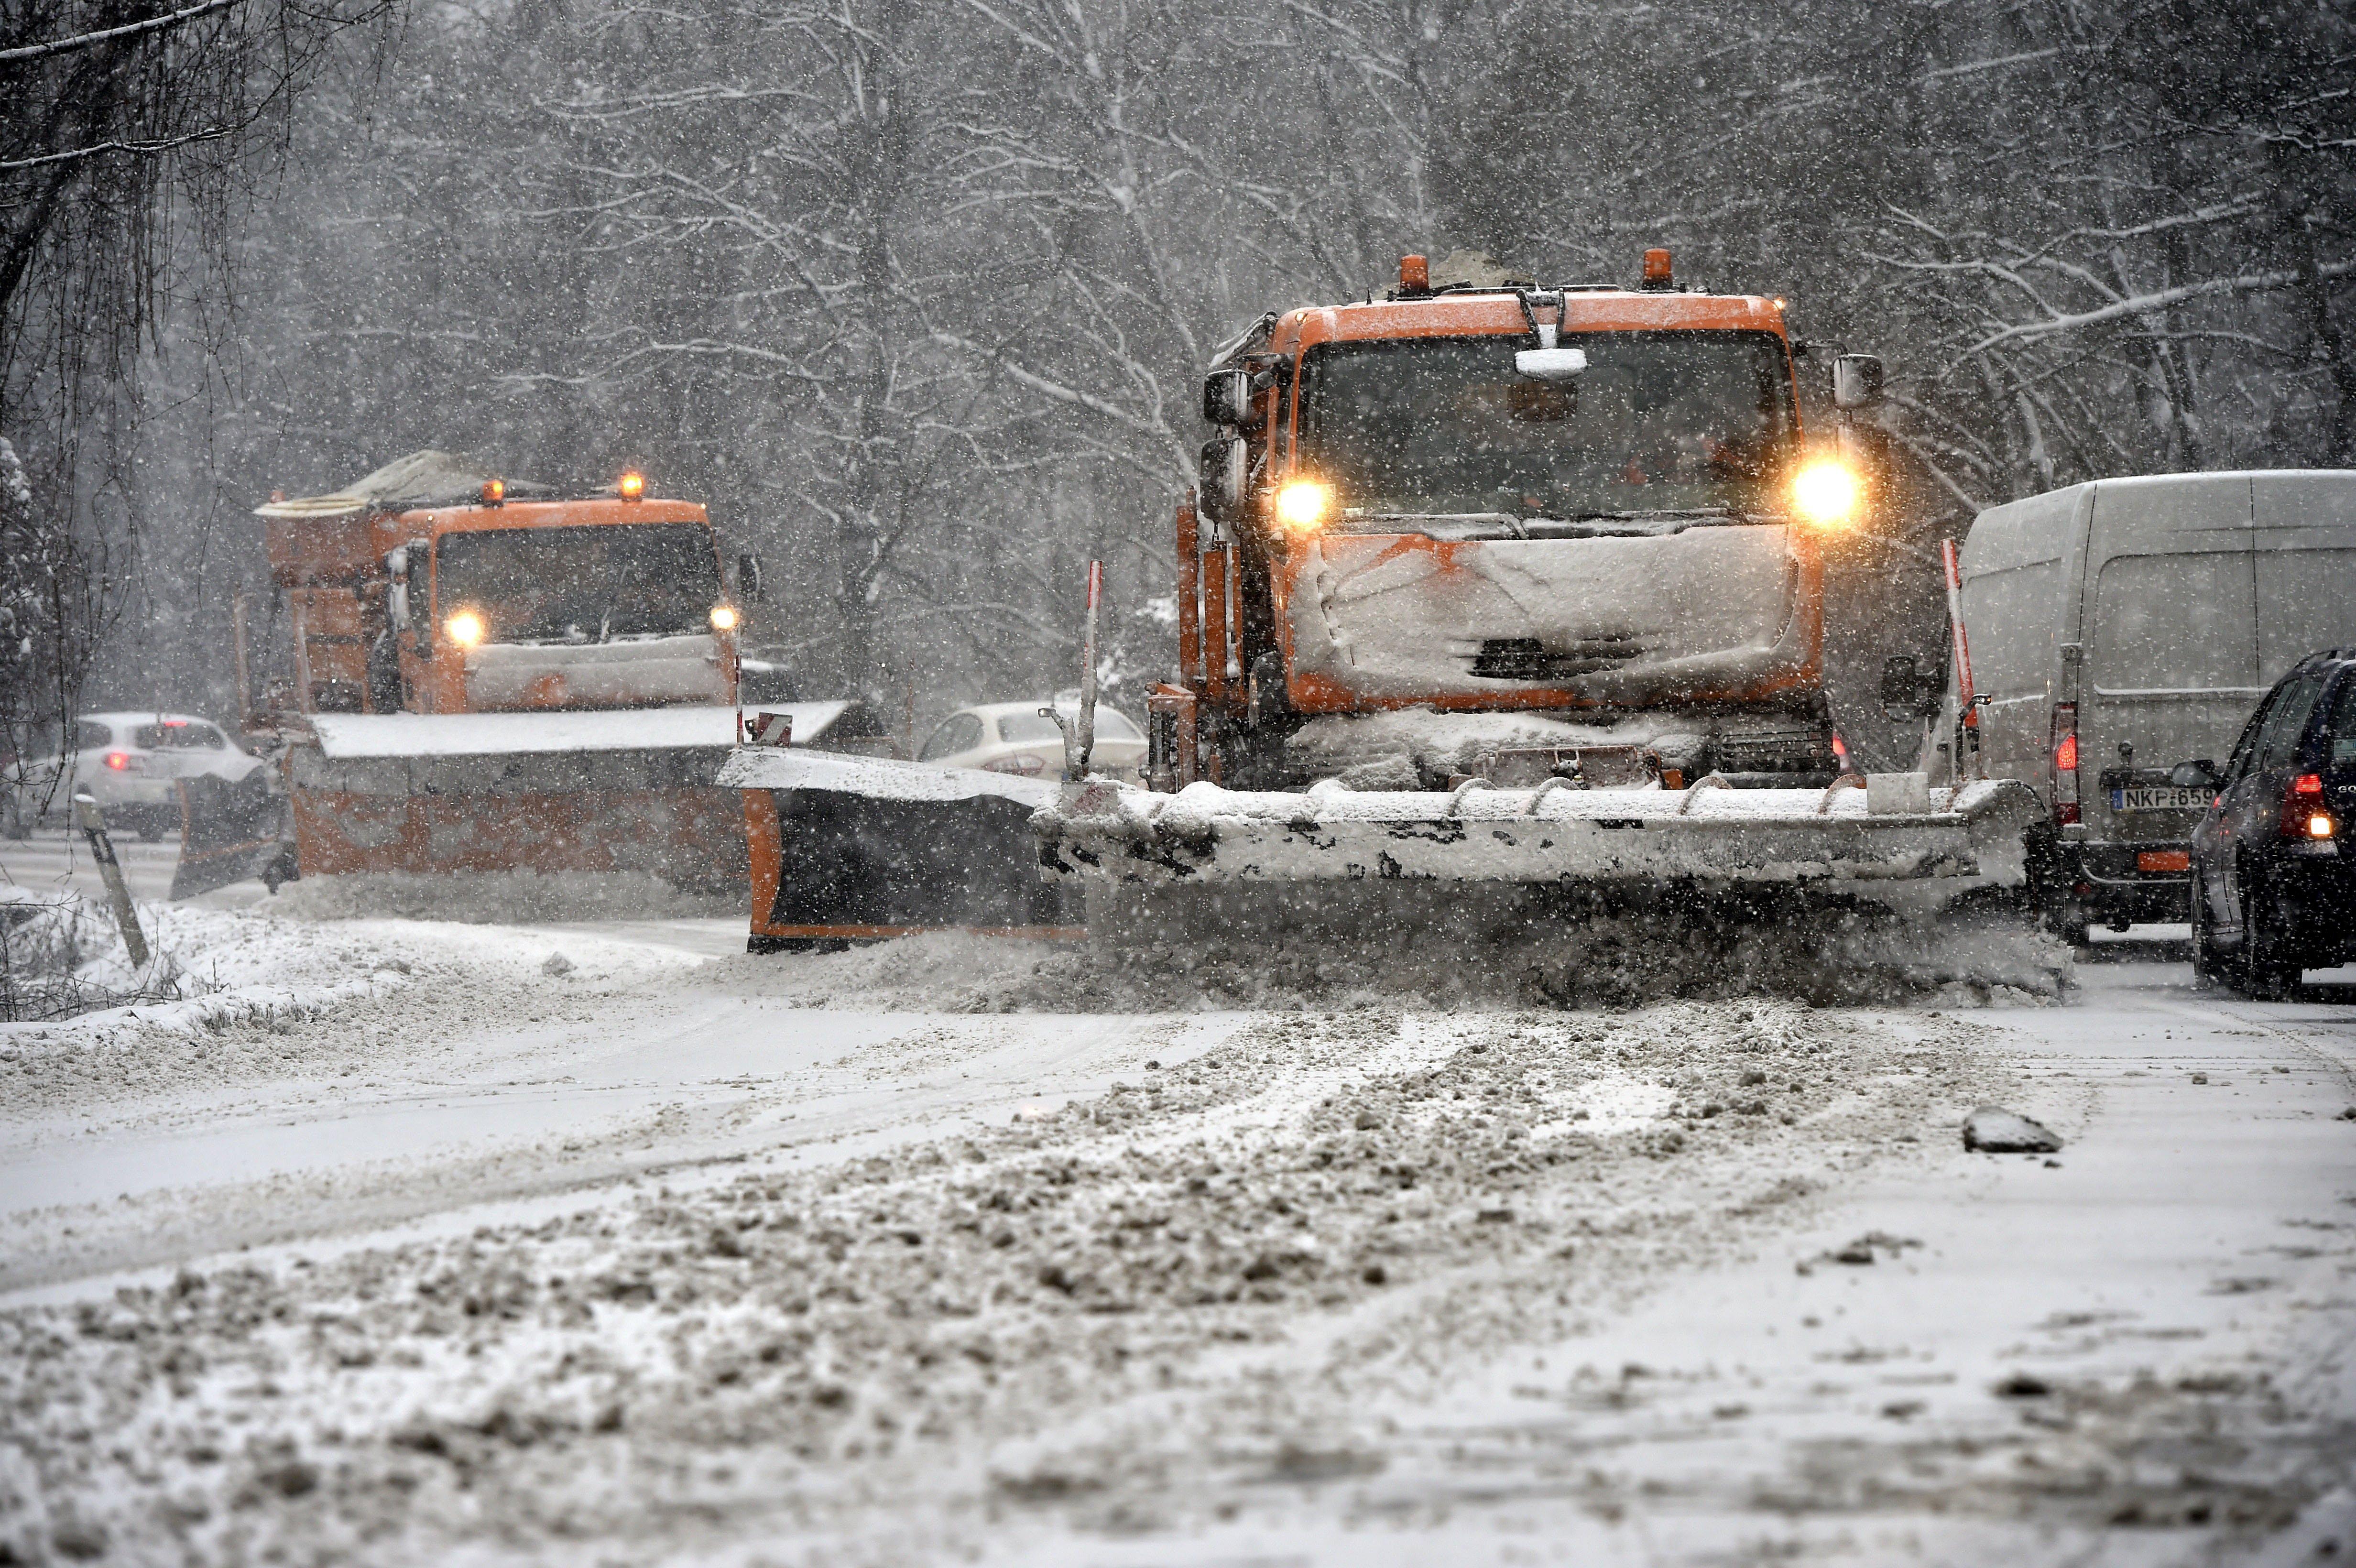 Lezártak négy utat Borsodban a nagy hó miatt